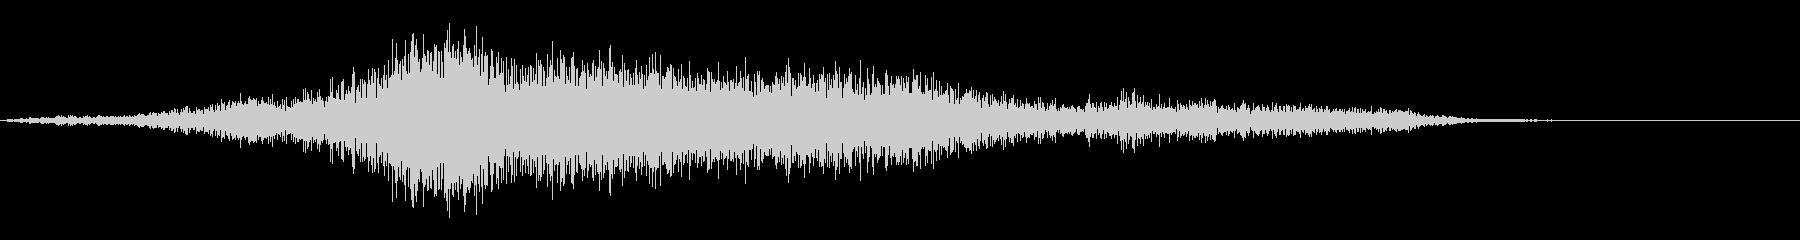 グリッティスタティックバズフーズの未再生の波形